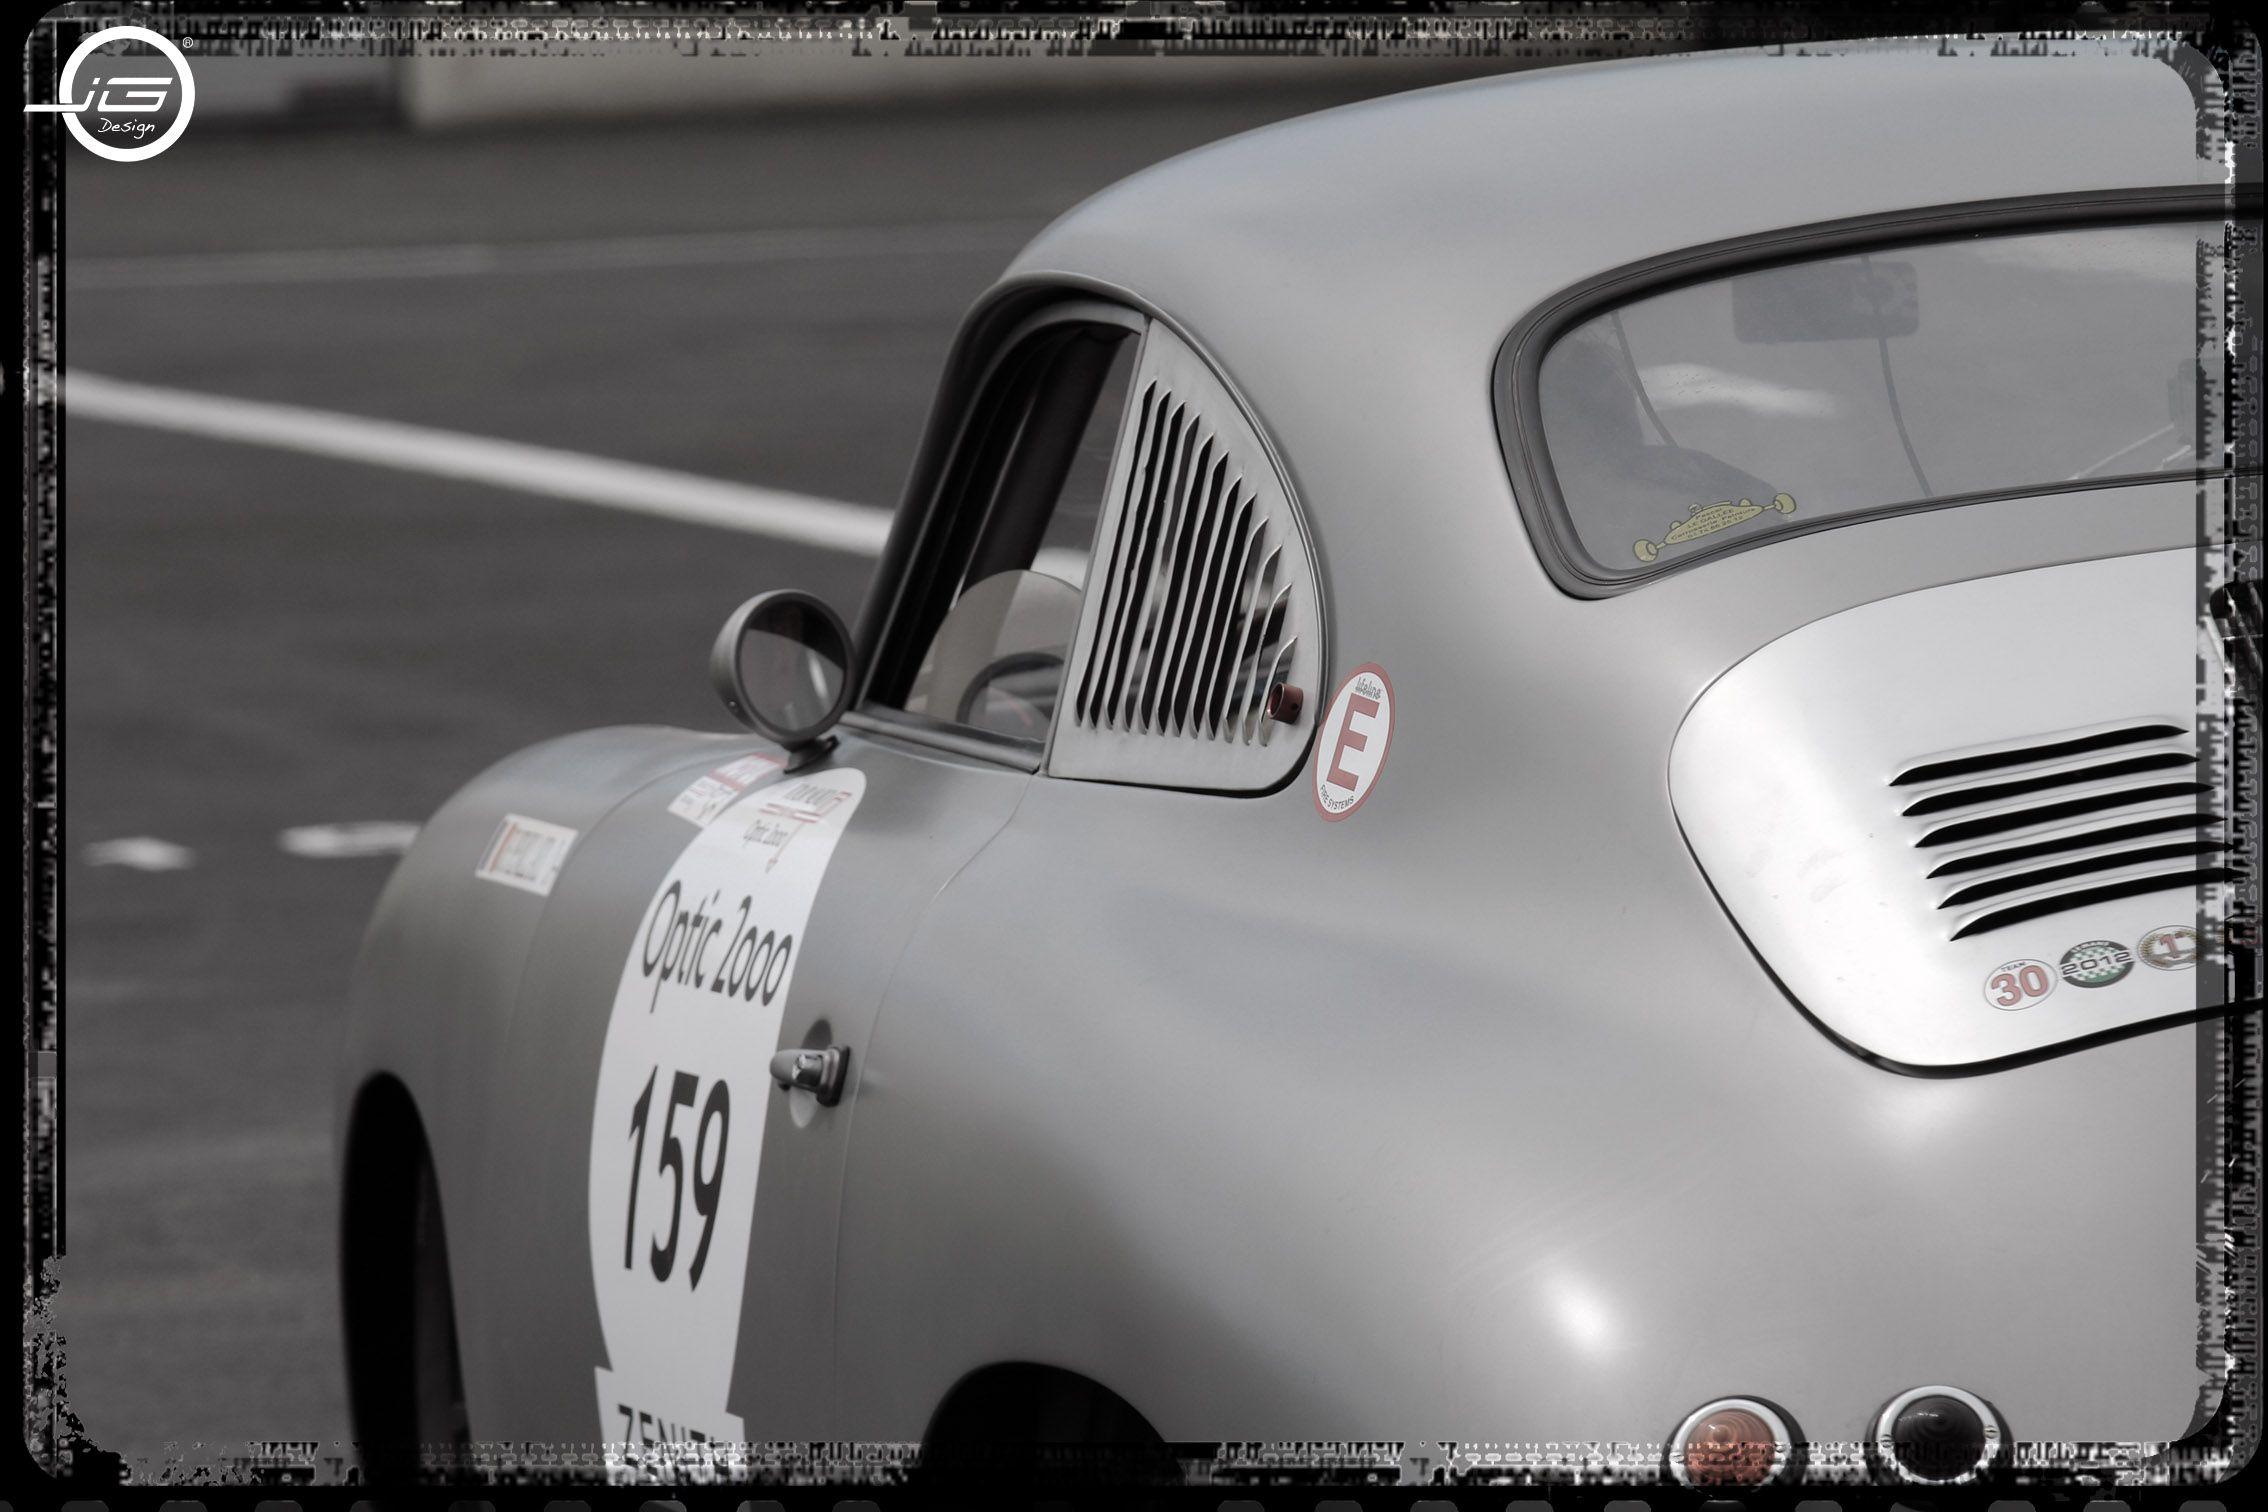 Vainqueur du Classement à l' INDICE DE PERFORMANCE ! Belle récompence pour cette très belle 356 pré-A.